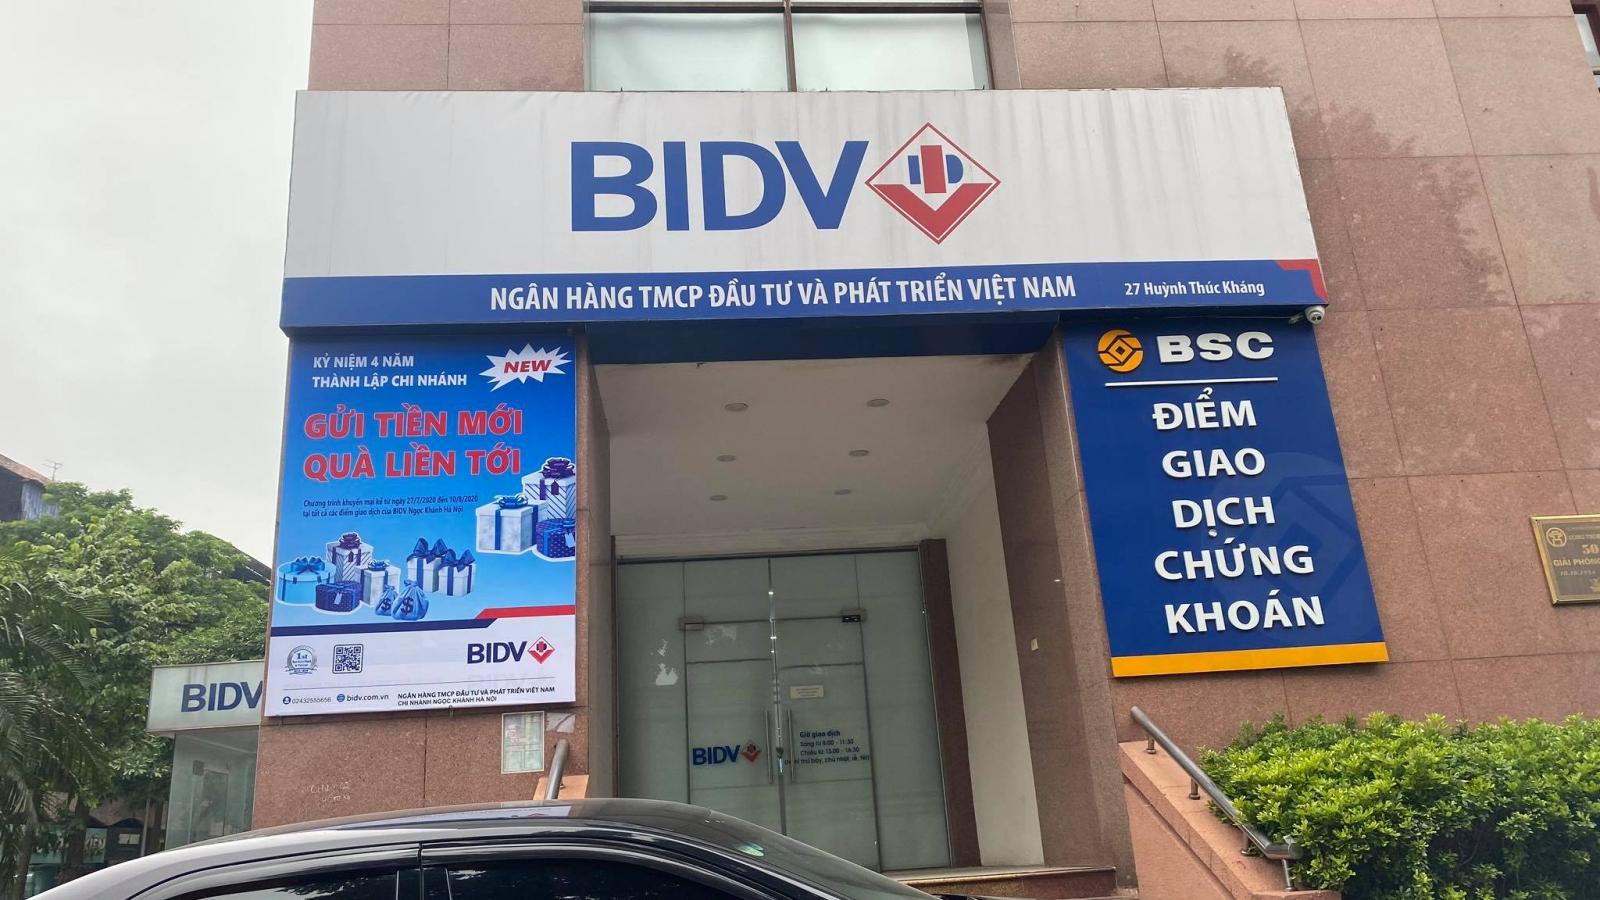 Nhóm cướp nổ súng tại ngân hàng BIDV ở Hà Nội